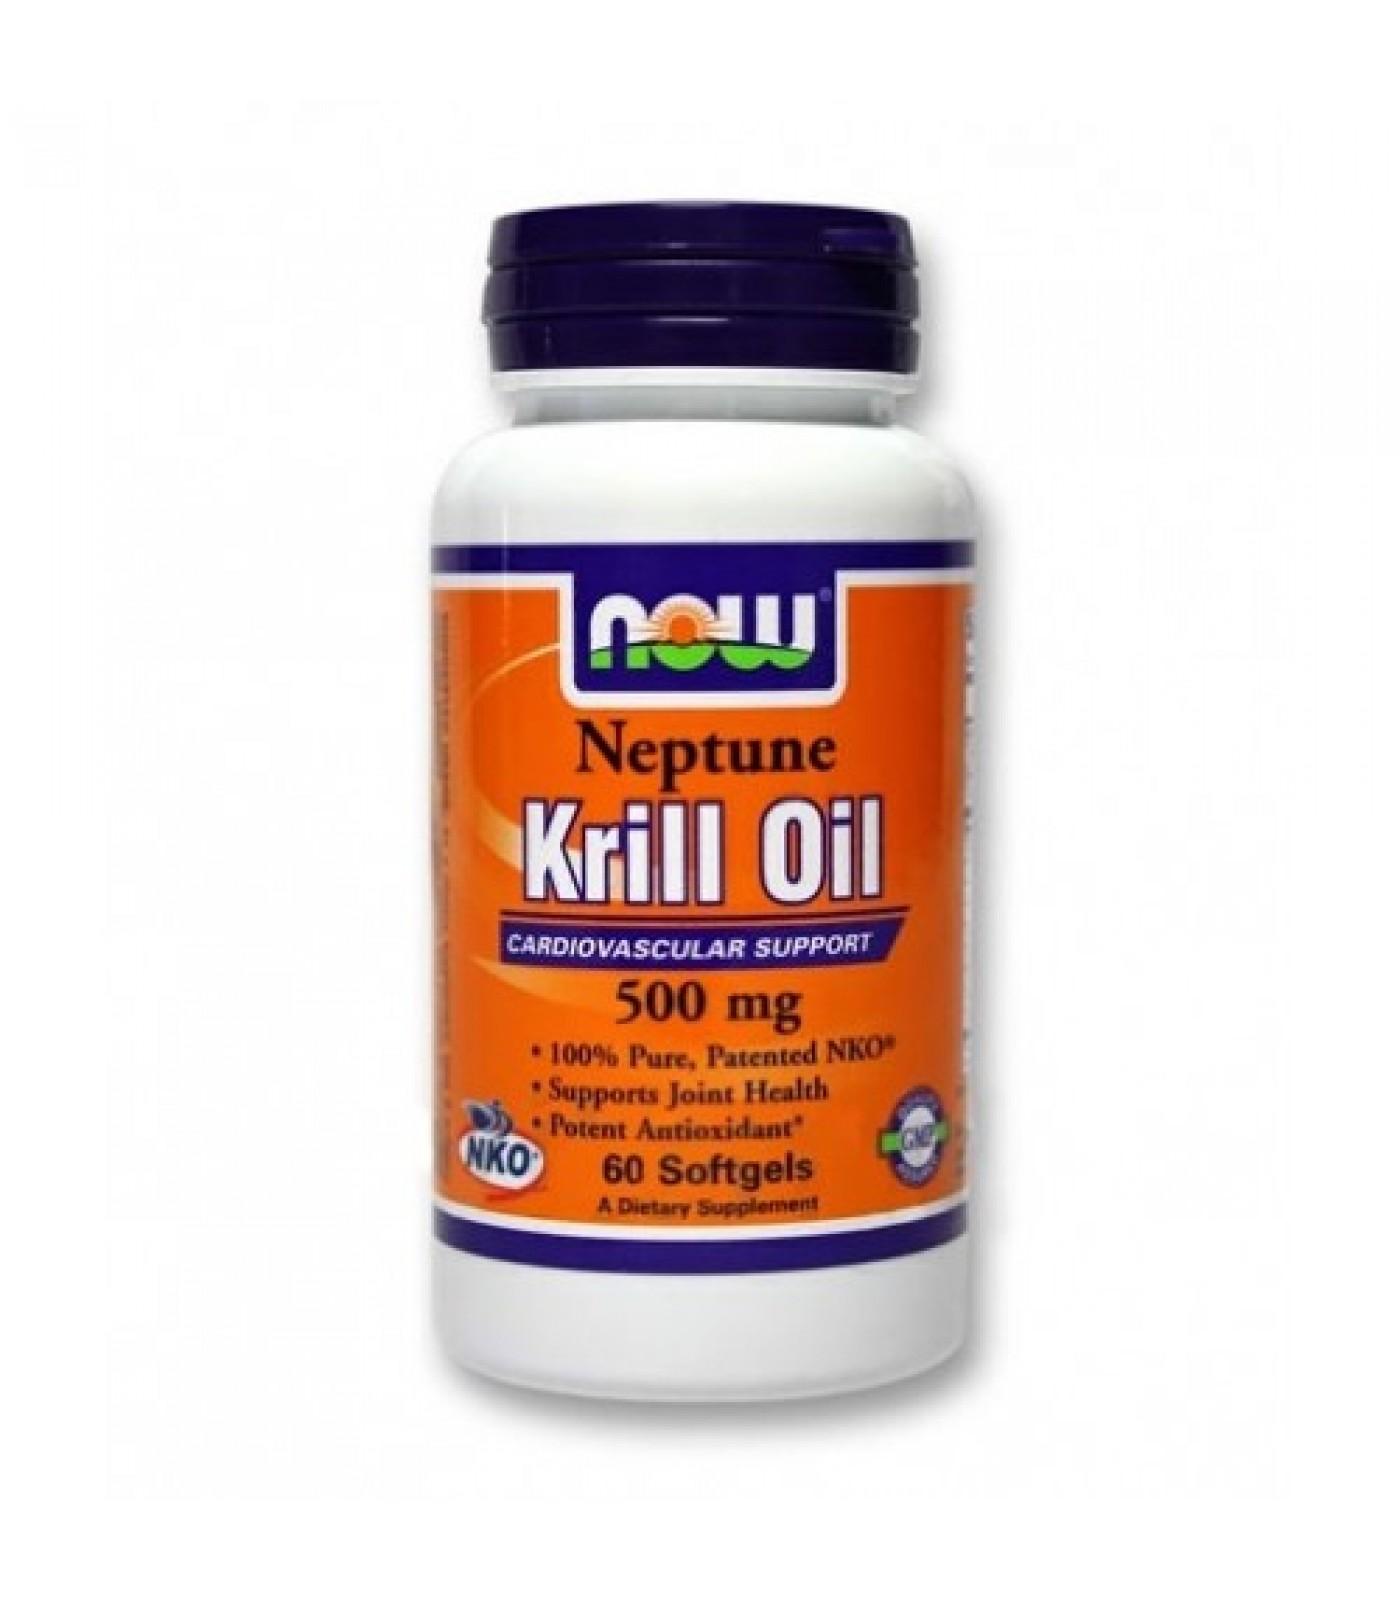 NOW - Neptune Krill Oil 500mg. / 60 Softgels